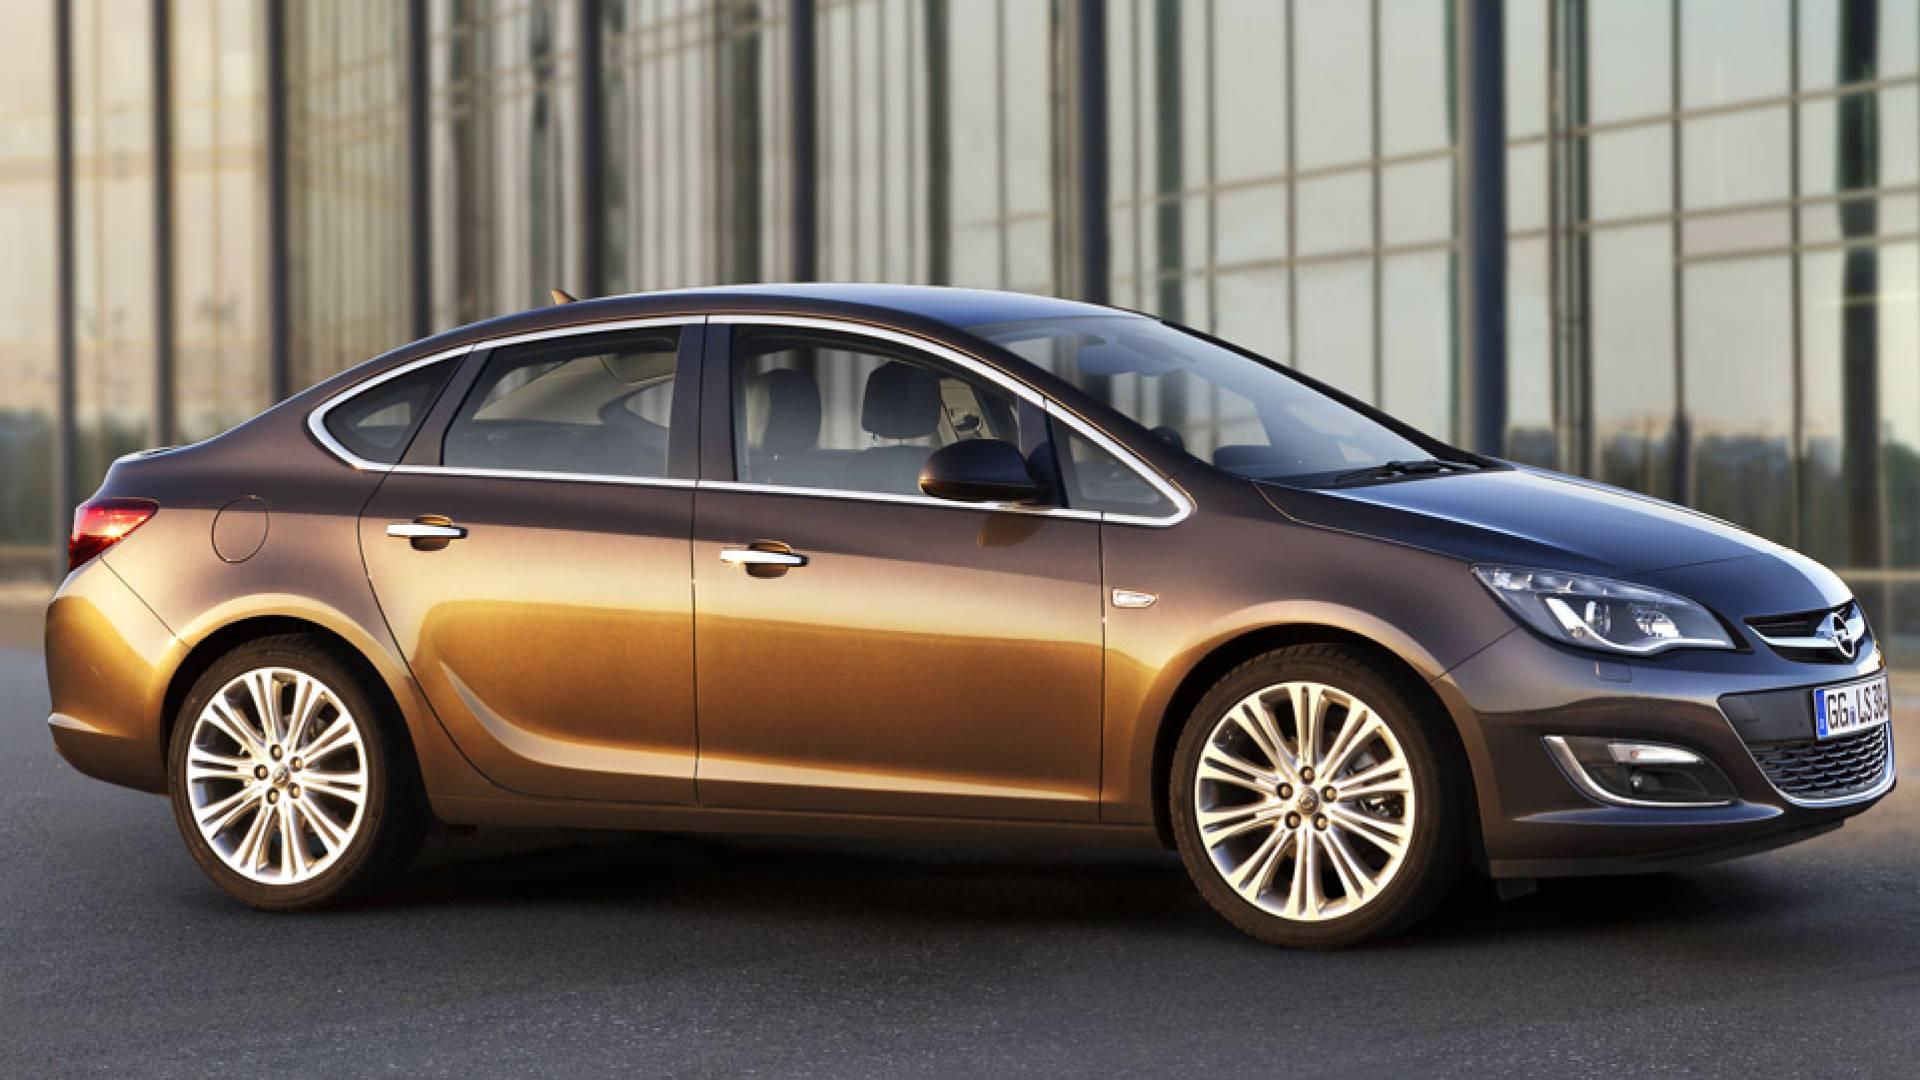 Opel astra sed n precios noticias prueba ficha t cnica y fotos diariomotor - Opel astra 5 puertas ...